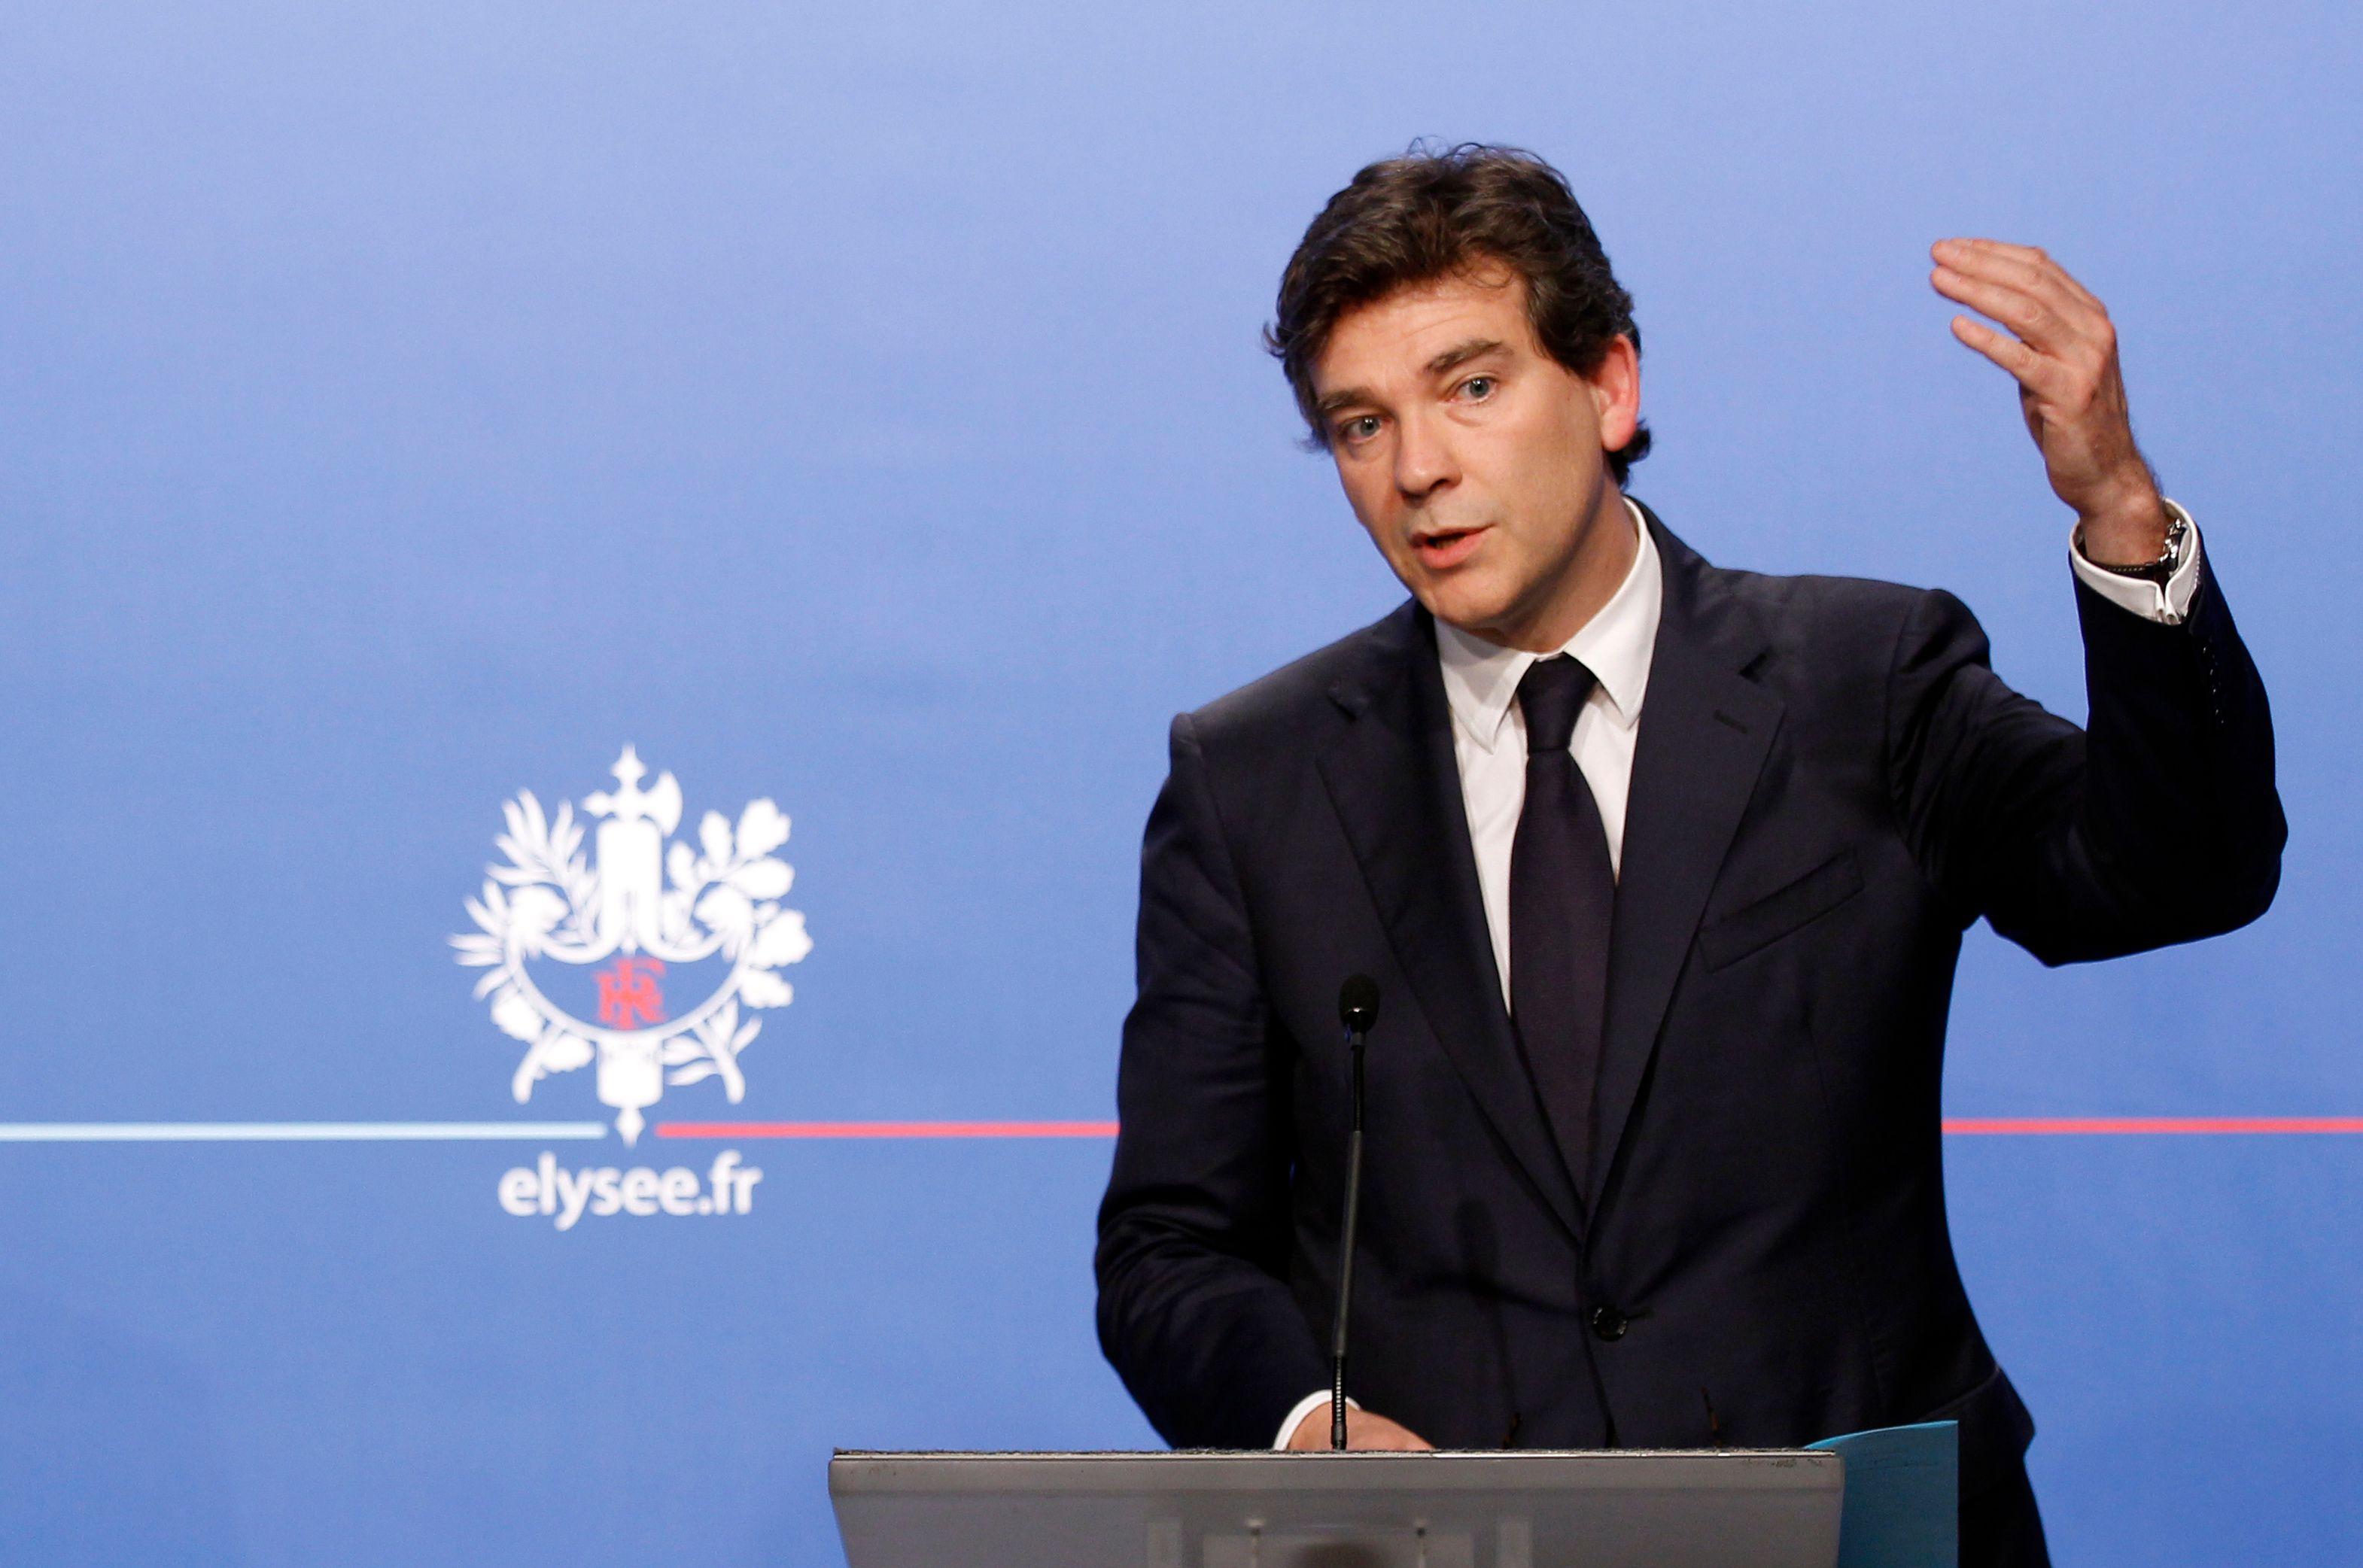 Arnaud Montebourg a déclaré qu'il était en faveur d'un rapprochement des opérateurs de téléphonie mobile.